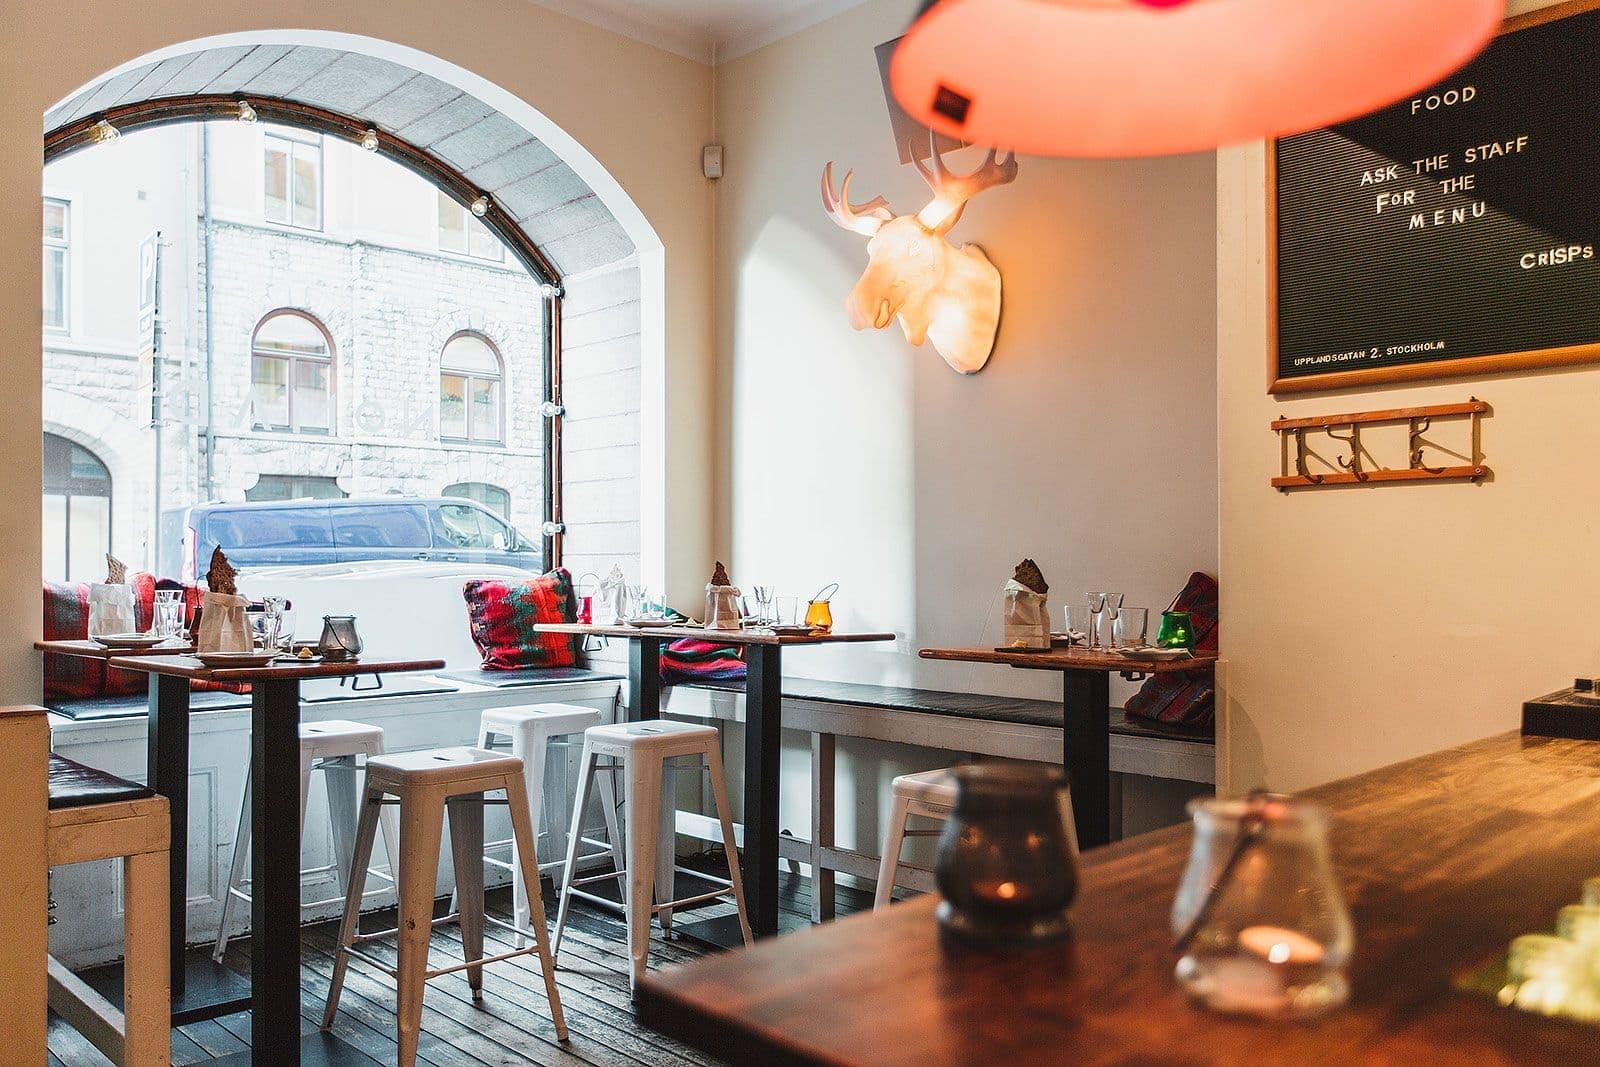 nomad swedish food bar bar norrmalm city vasastan stockholm thatsup. Black Bedroom Furniture Sets. Home Design Ideas